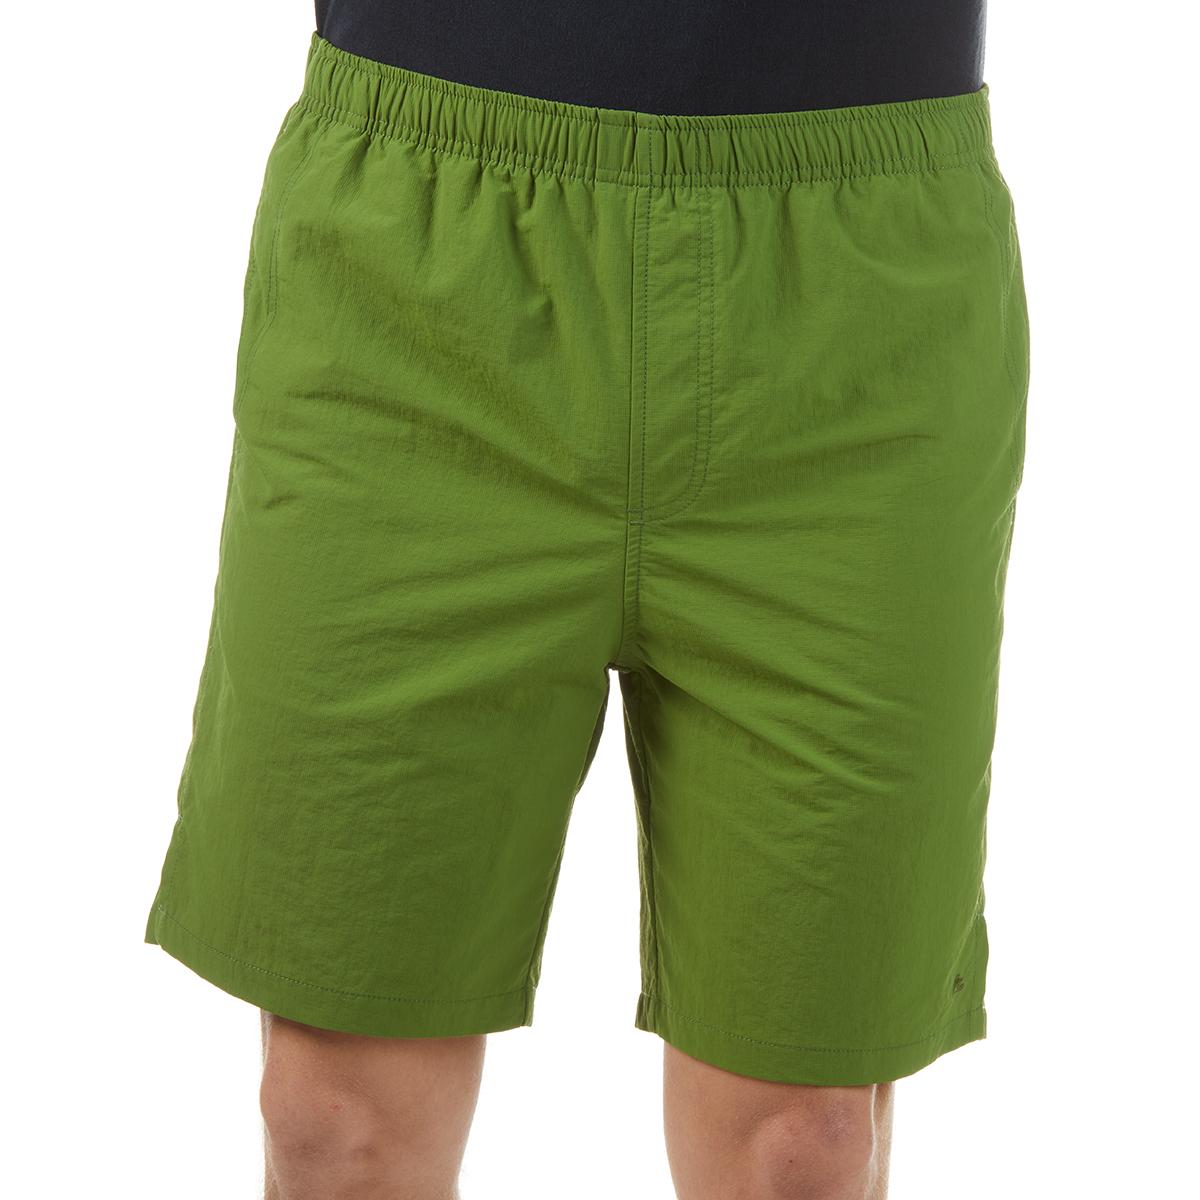 Ems Men's Core Water Shorts - Green, XXL